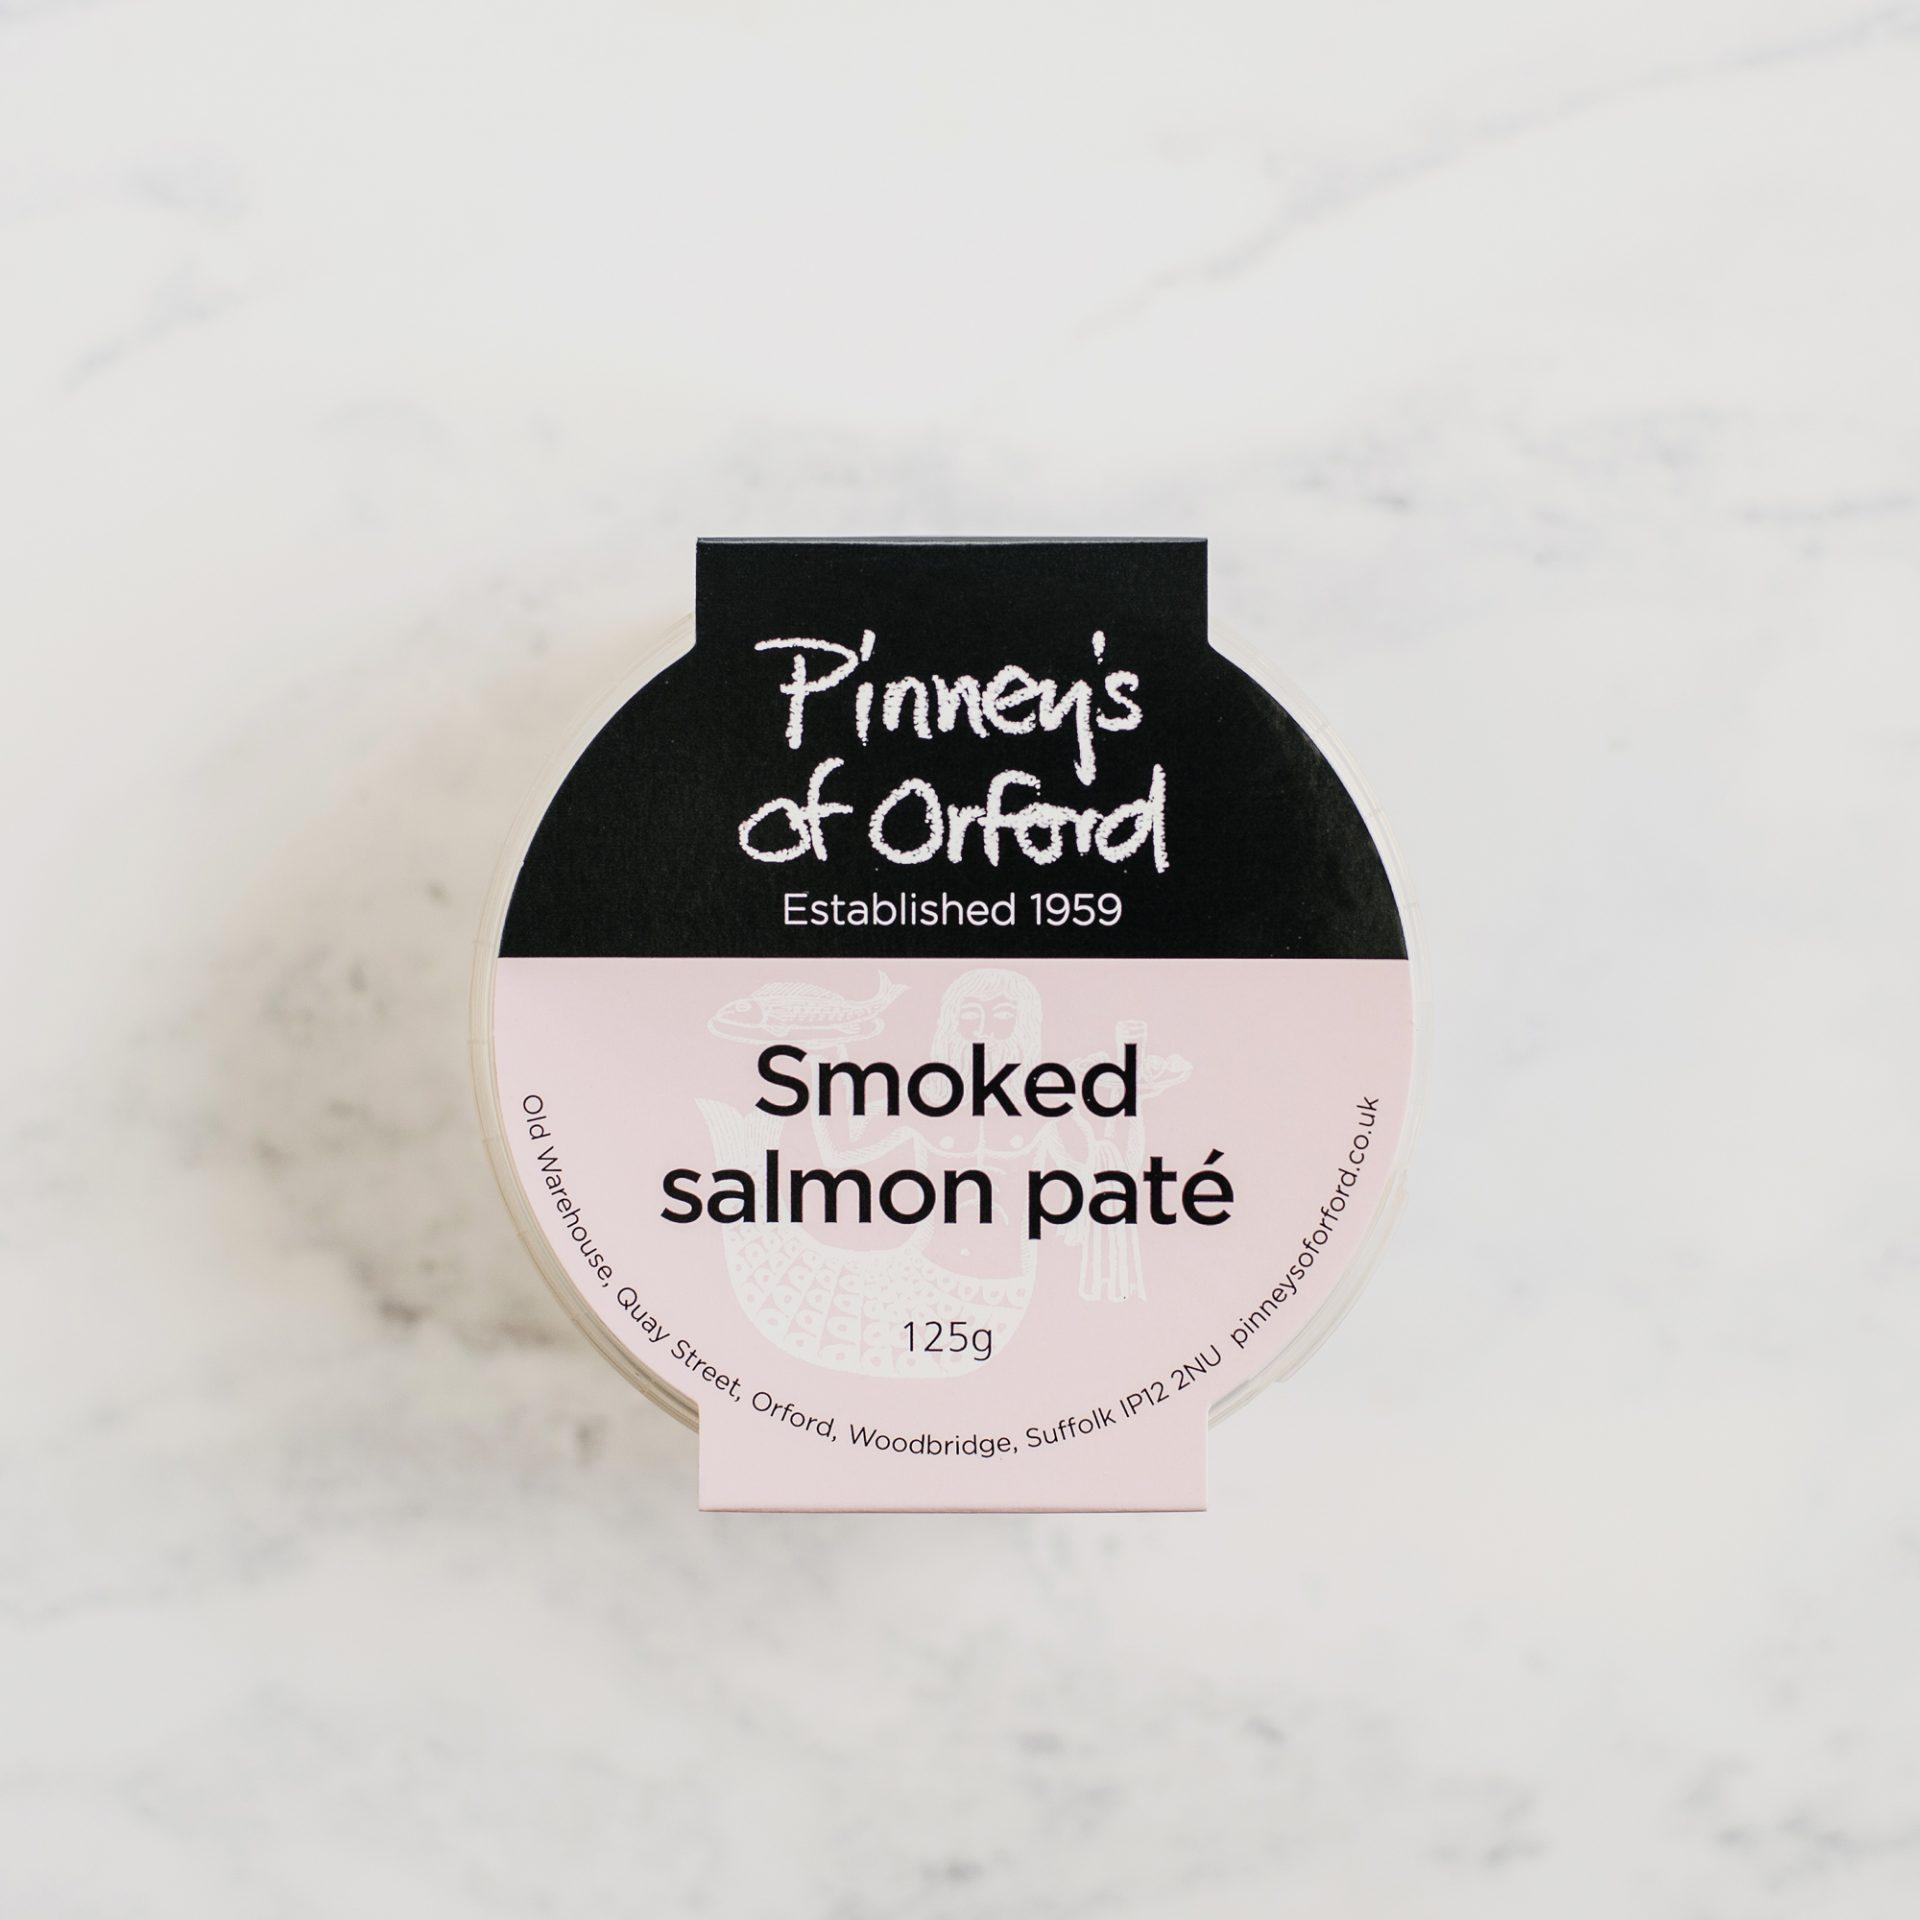 Smoked Salmon Paté